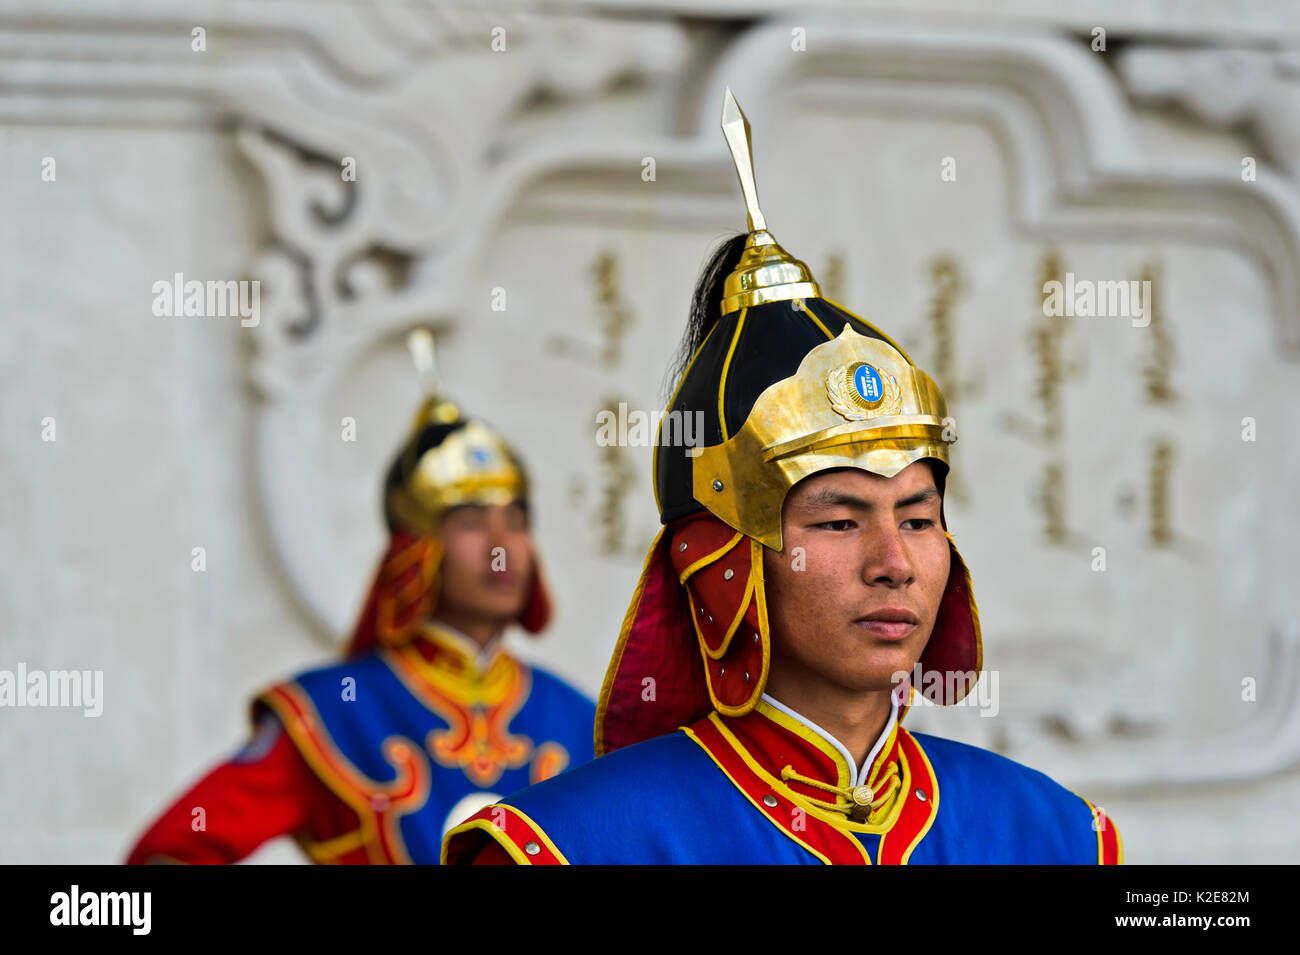 Custode dei Mongoli forze armate nel tradizionale uniformi di fronte al monumento Dschingis-Khan presso il Parlamento europeo Immagini Stock